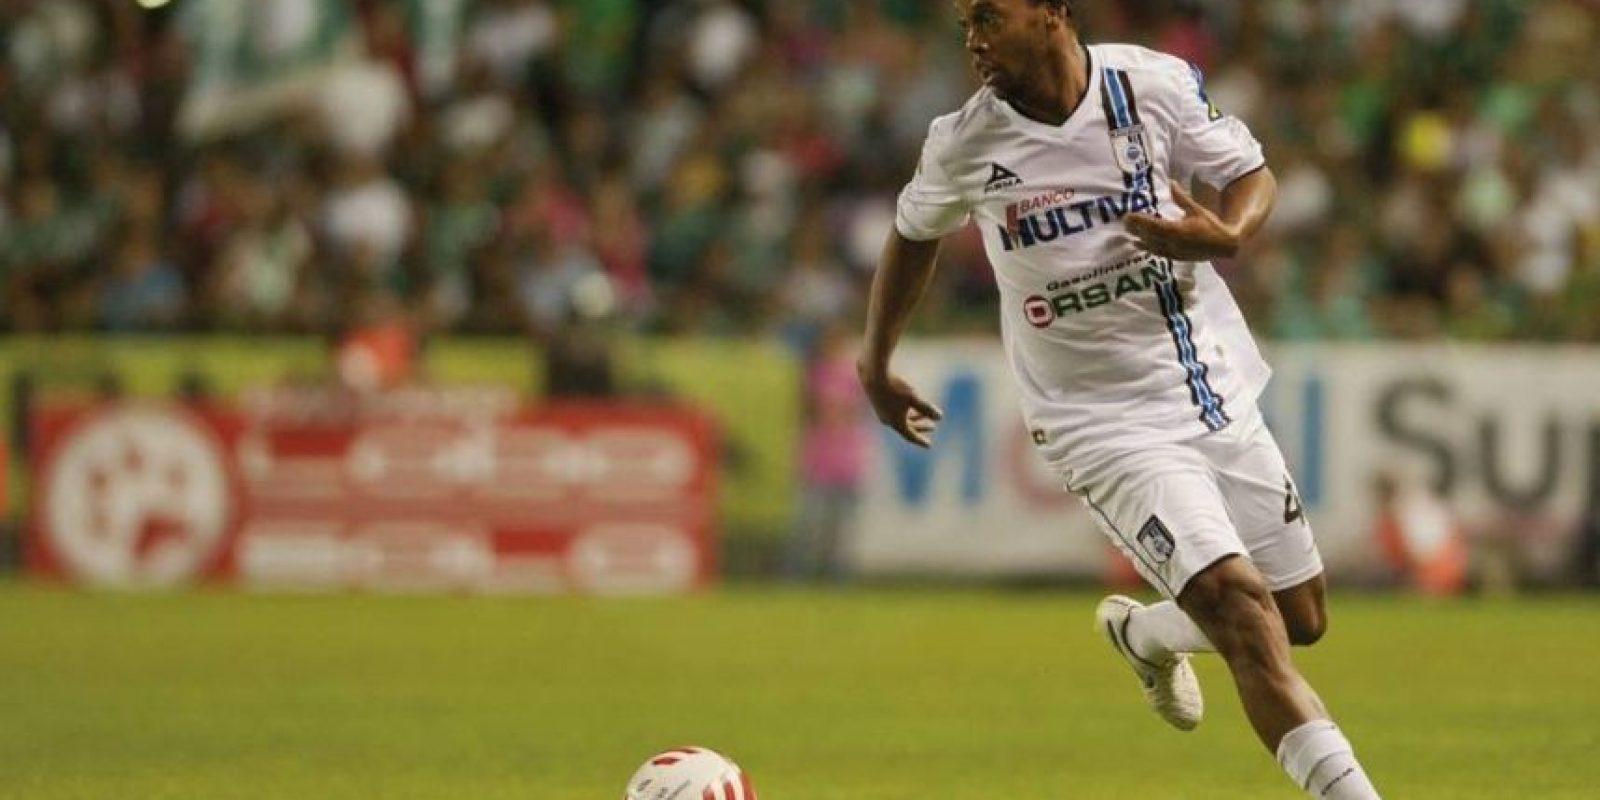 El brasileño sólo ha marcado 3 goles en 21 partidos con el equipo mexicano. Foto:Vía facebook.com/clubqueretaro